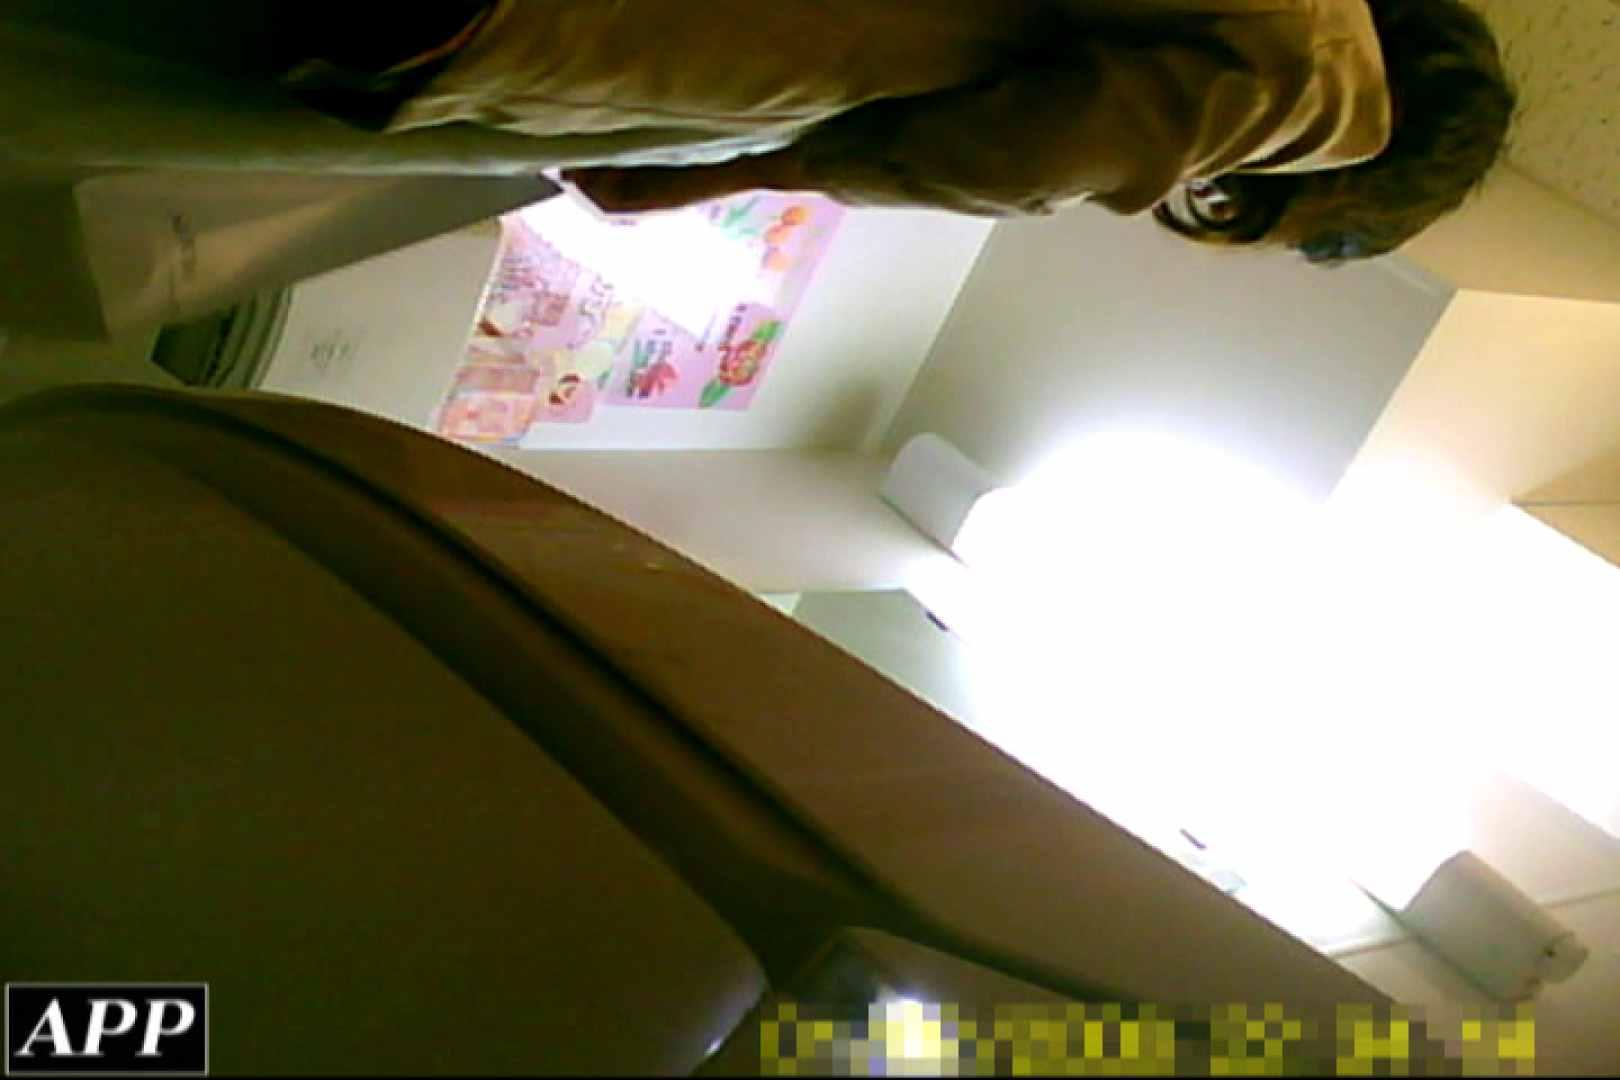 3視点洗面所 vol.111 オマンコもろ 戯れ無修正画像 109PIX 48